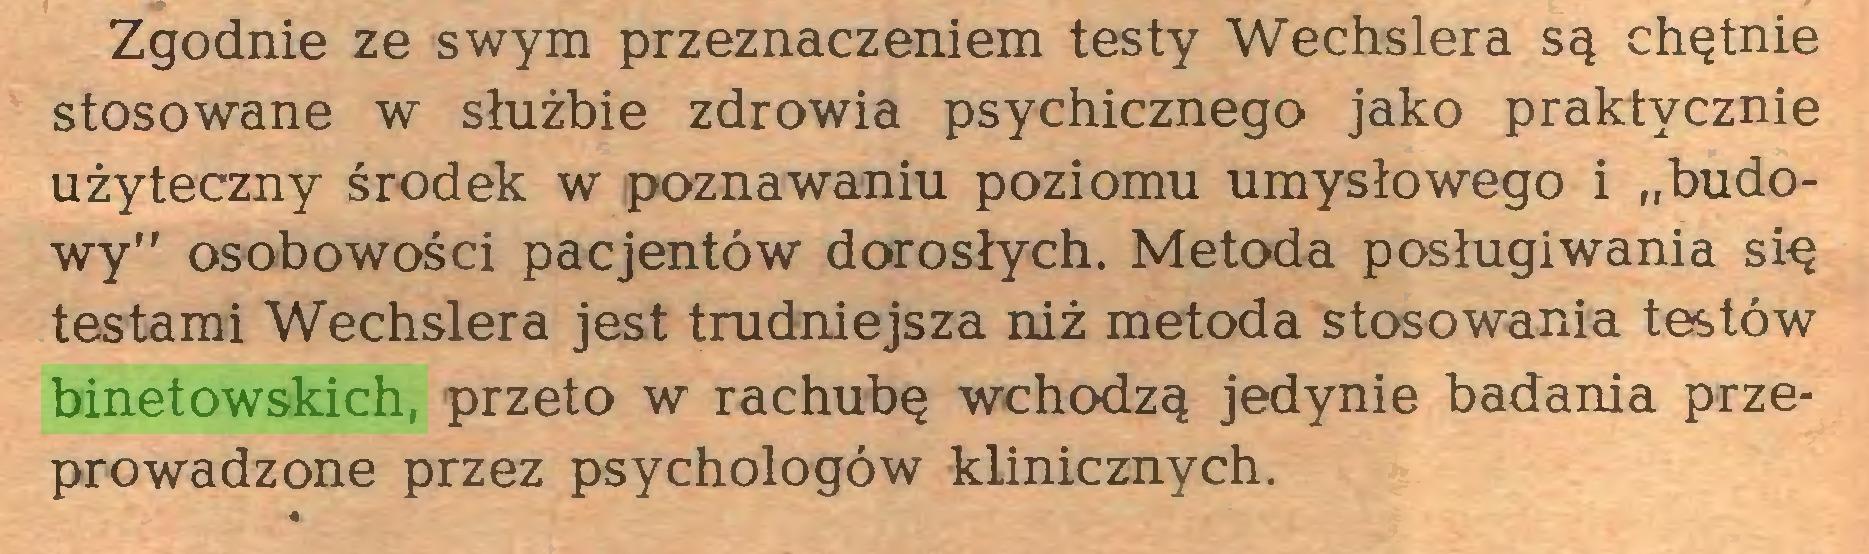 """(...) Zgodnie ze swym przeznaczeniem testy Wechslera są chętnie stosowane w służbie zdrowia psychicznego jako praktycznie użyteczny środek w poznawaniu poziomu umysłowego i """"budowy"""" osobowości pacjentów dorosłych. Metoda posługiwania się testami Wechslera jest trudniejsza niż metoda stosowania testów binetowskich, przeto w rachubę wchodzą jedynie badania przeprowadzone przez psychologów klinicznych..."""